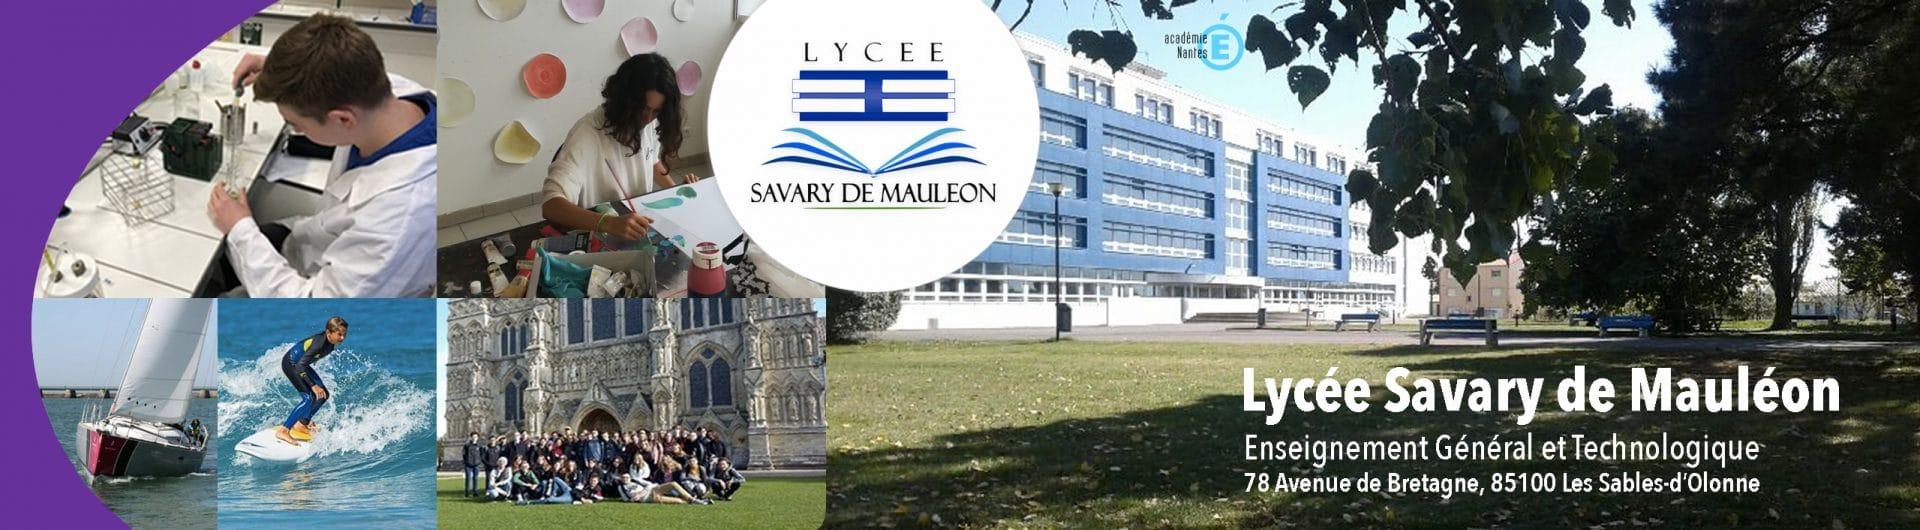 Section Sportive Lycée Savary de Mauléon – Liste des admis